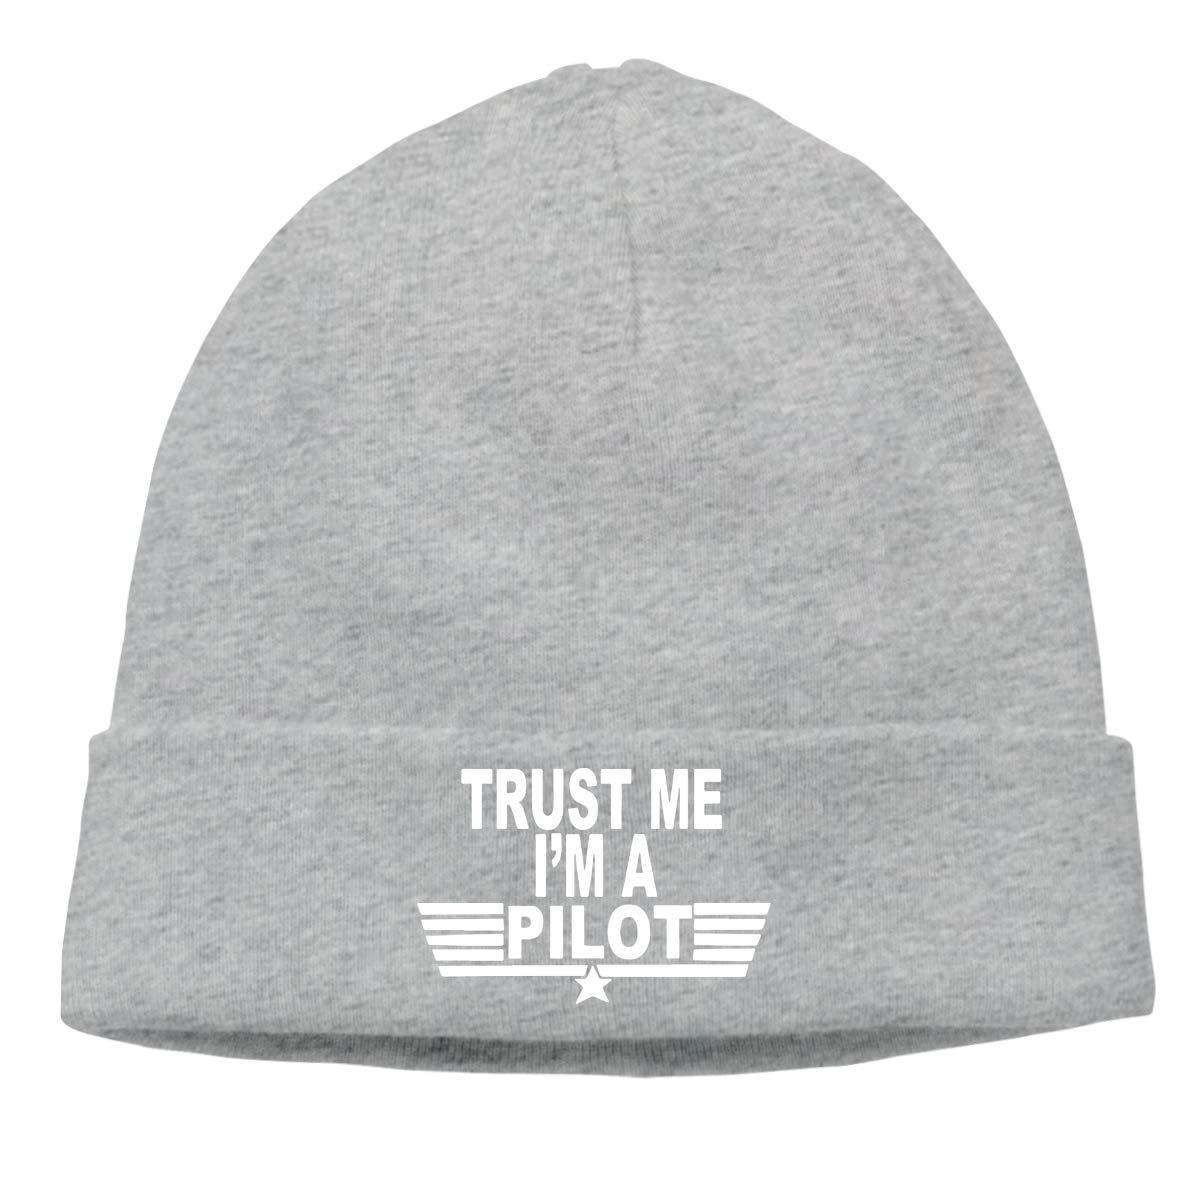 Trust Me Im A Pilot Unisex Cuffed Stretchy /& Soft Beanie Skull Cap